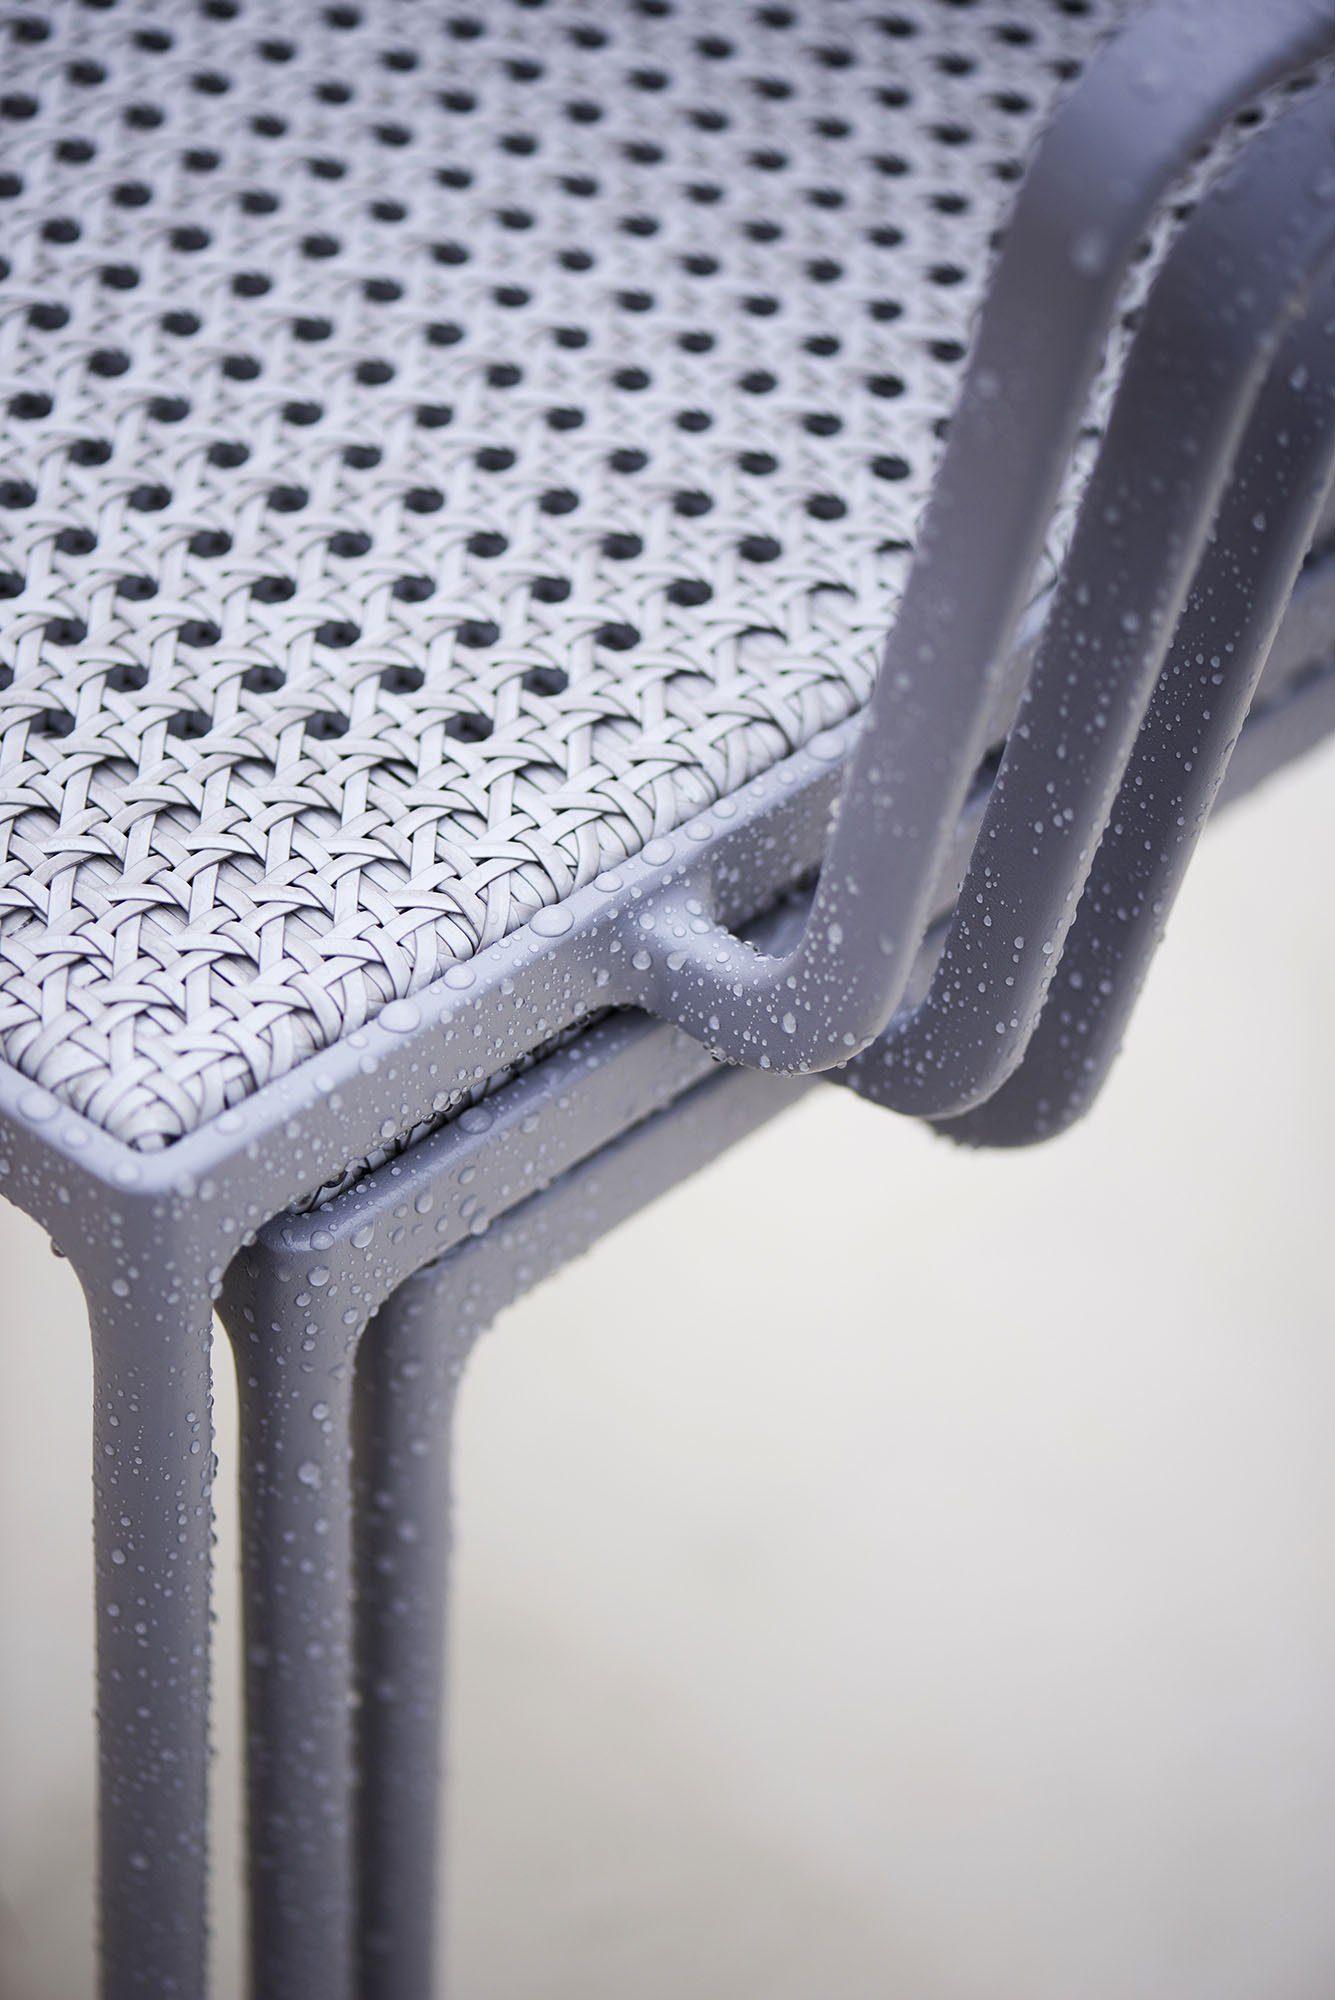 Detaljbild på Less karmstol i ljusgrått.